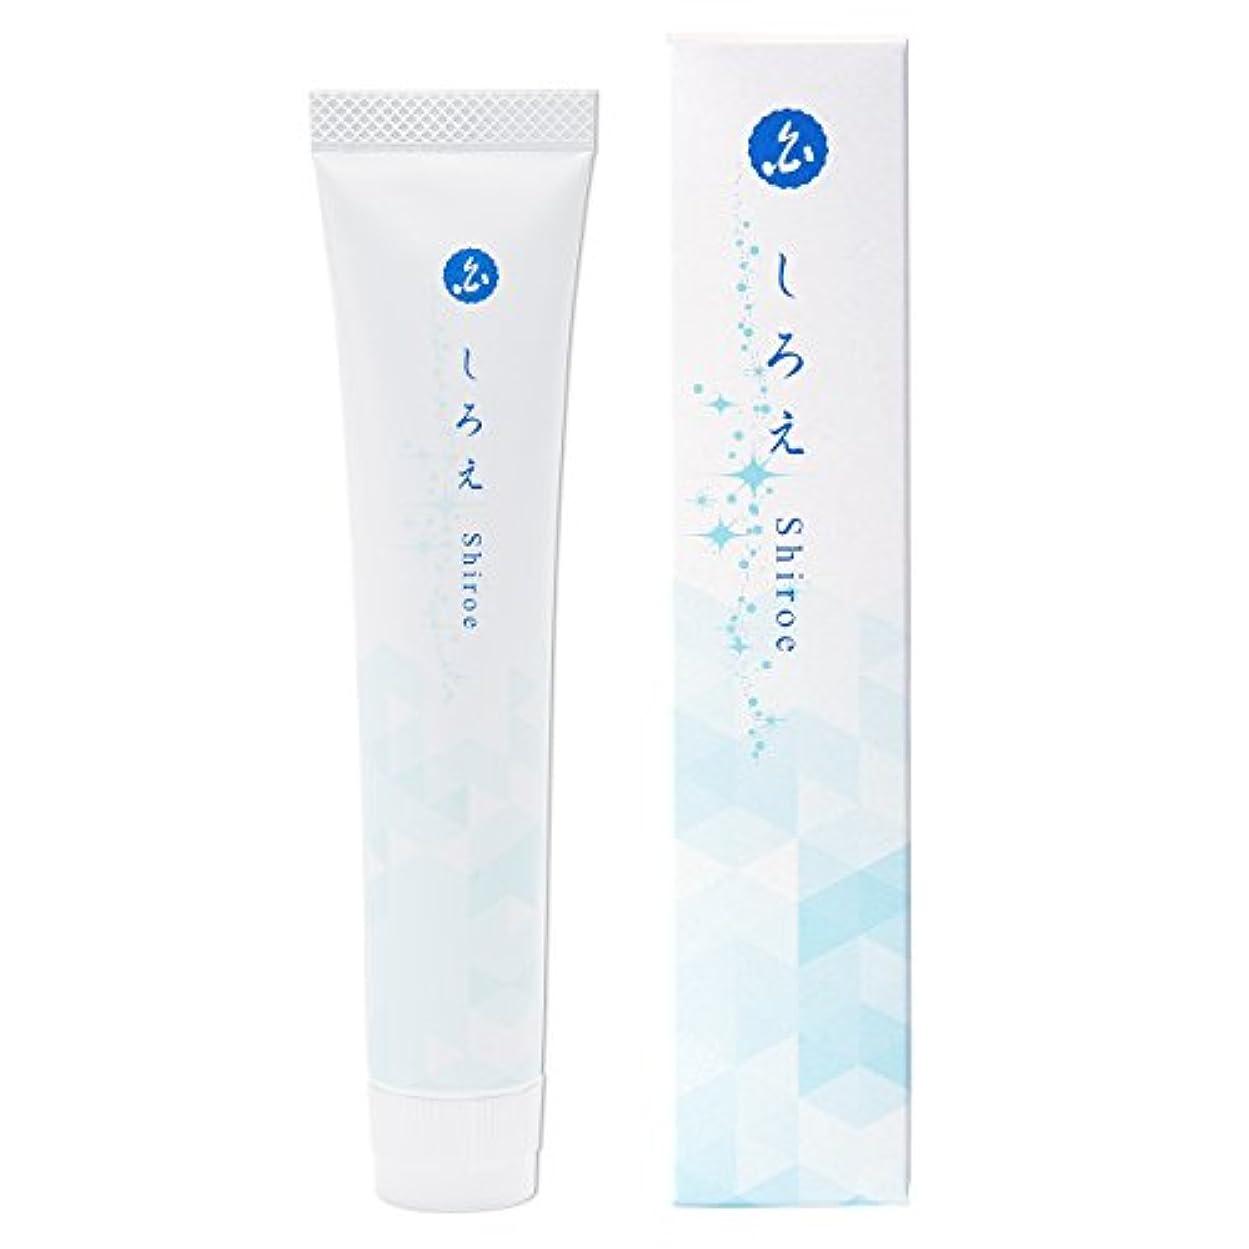 精査する口述する忘れっぽいしろえ 歯磨きジェル 薬用 ホワイトニング歯磨き粉 医薬部外品 はみがき粉 50g 日本製